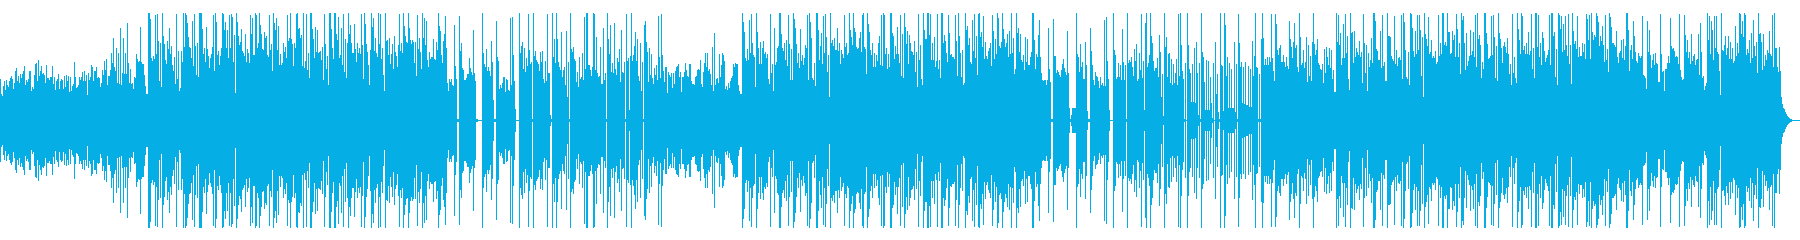 かっこいいニューソウル R&B 夕暮れの再生済みの波形